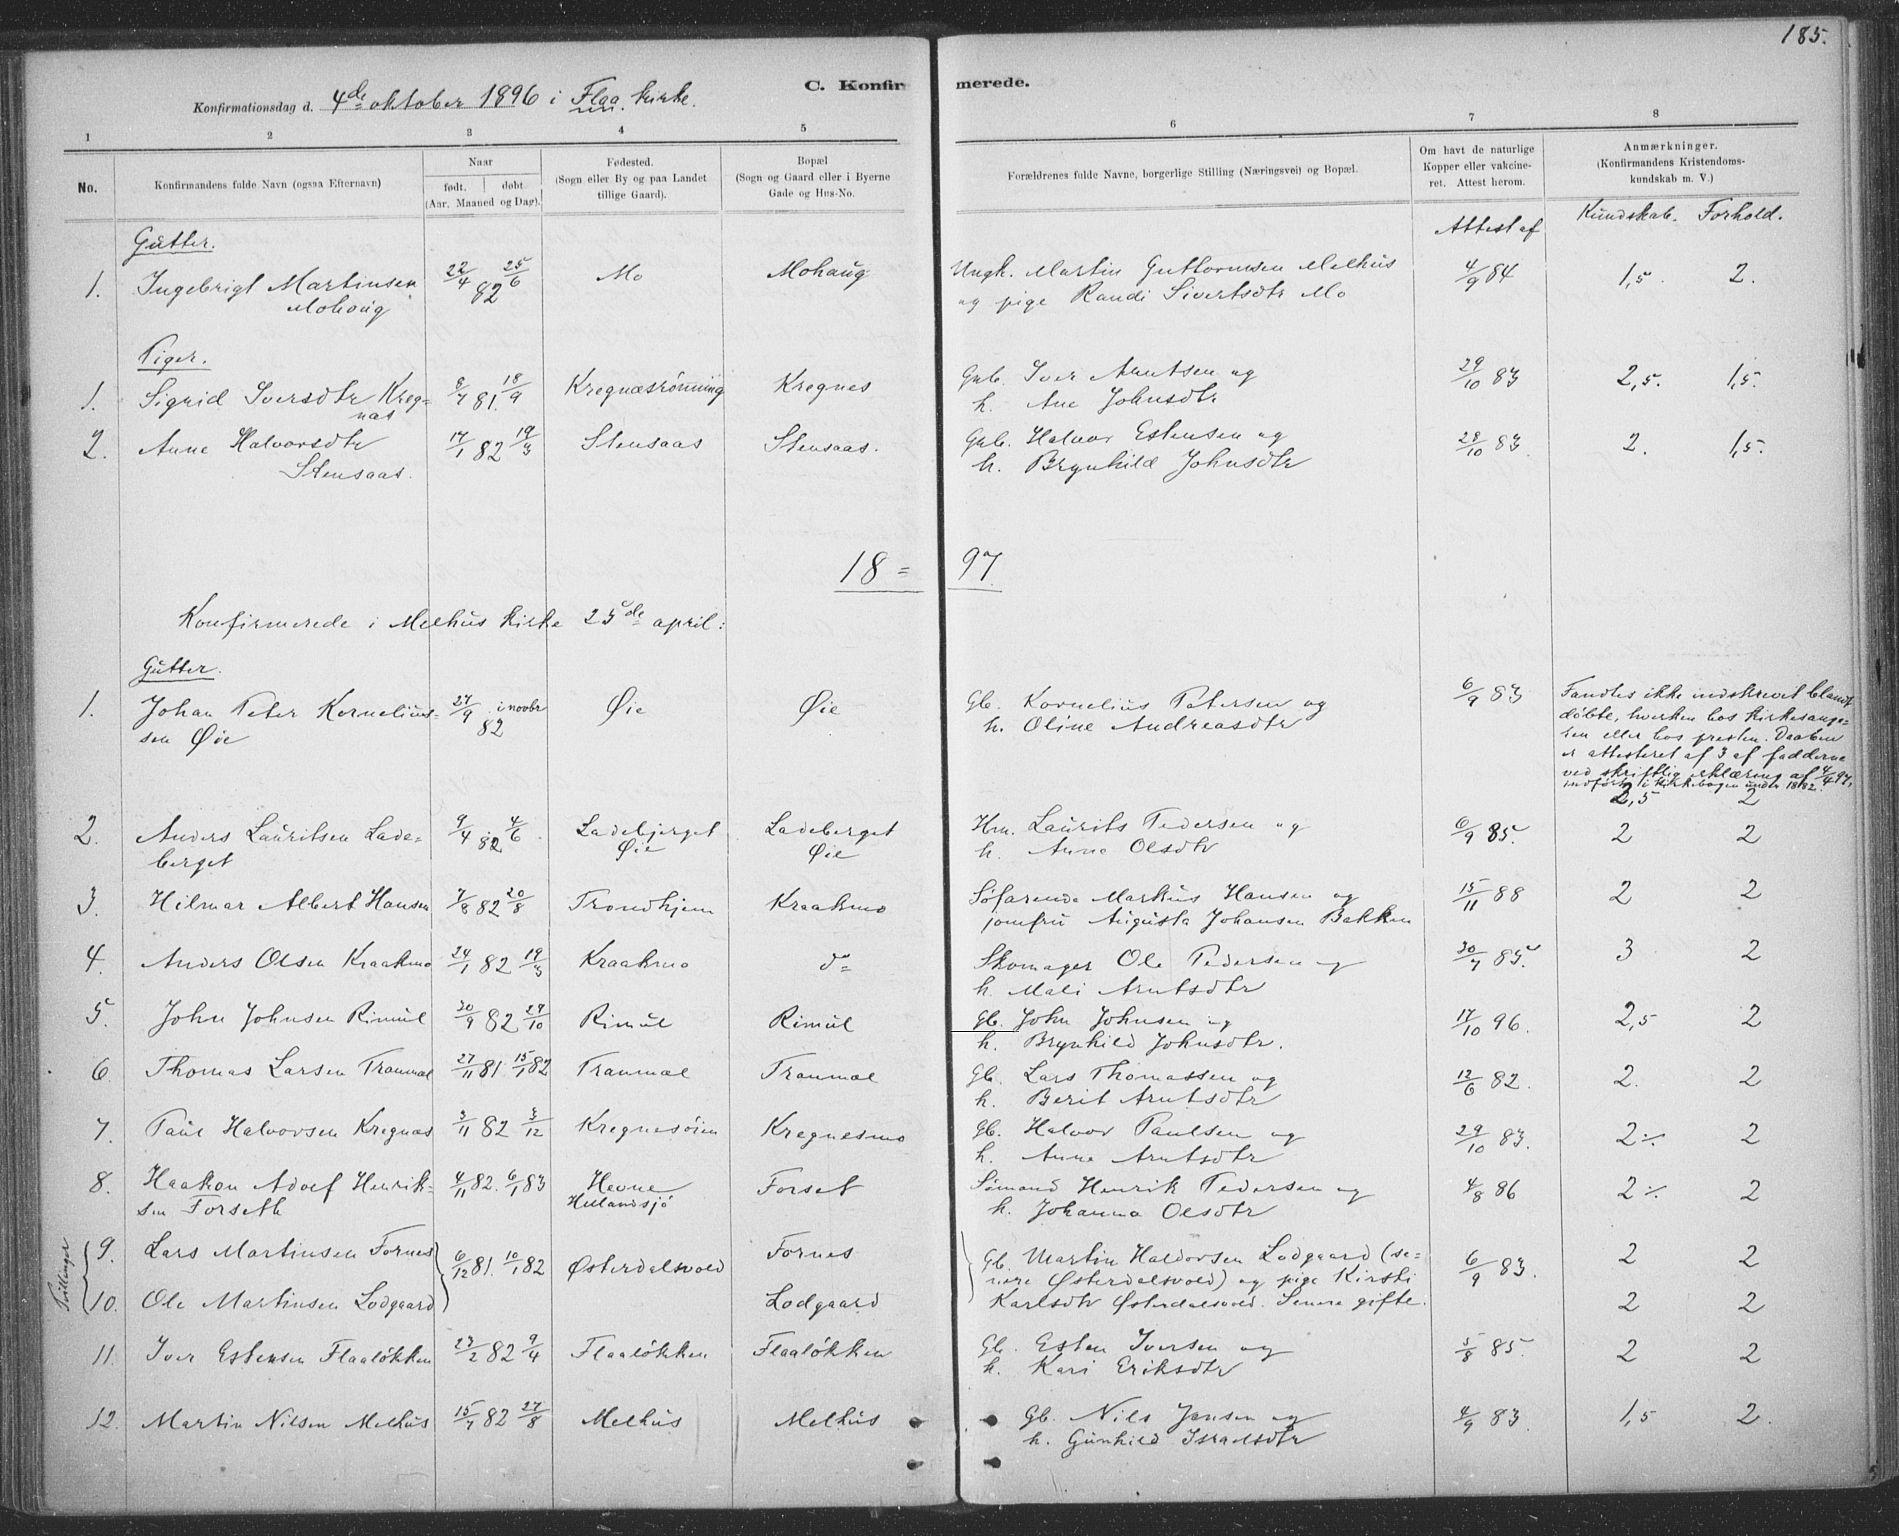 SAT, Ministerialprotokoller, klokkerbøker og fødselsregistre - Sør-Trøndelag, 691/L1085: Ministerialbok nr. 691A17, 1887-1908, s. 185